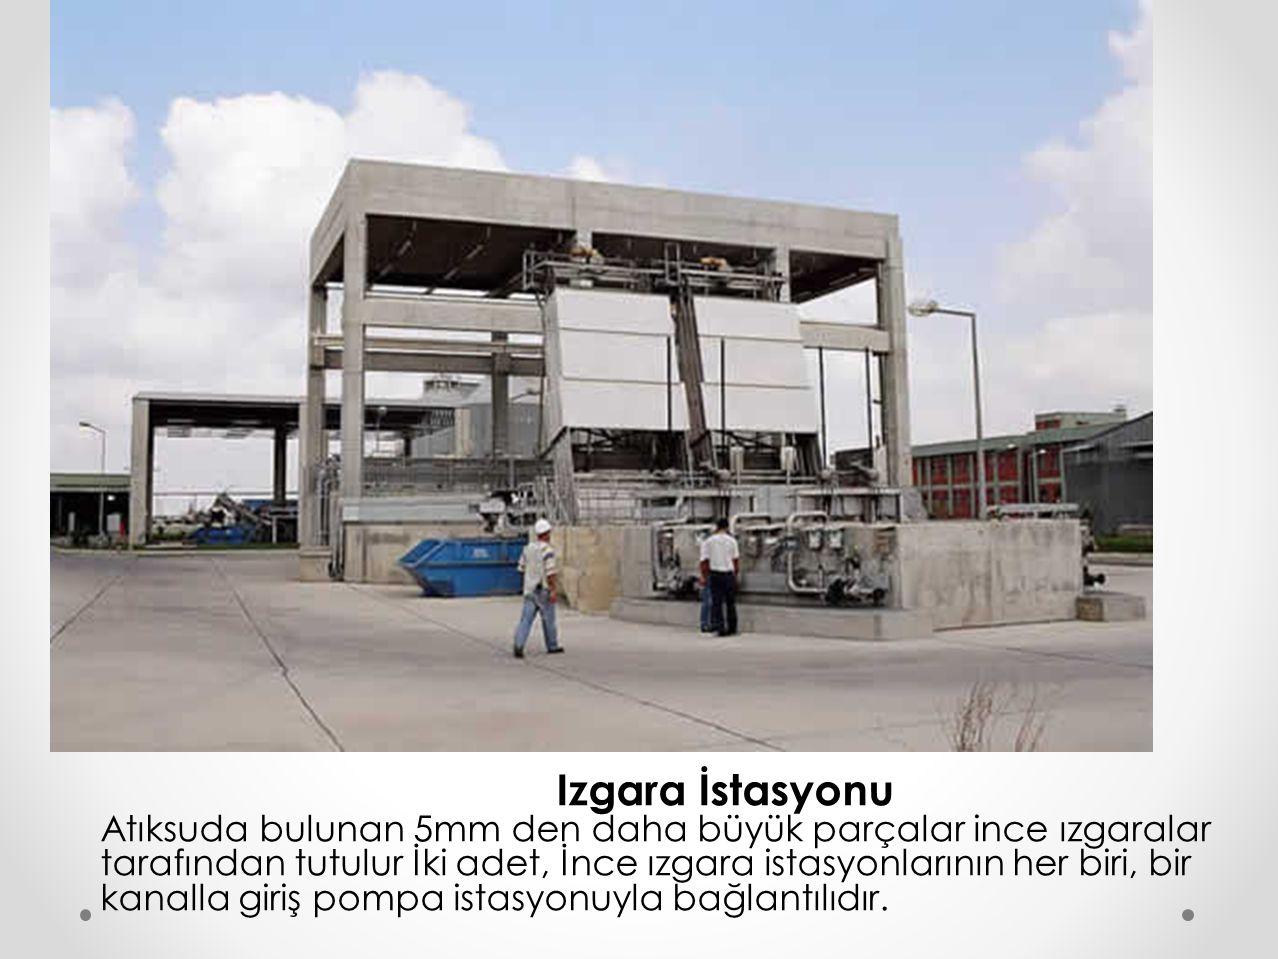 Izgara İstasyonu Atıksuda bulunan 5mm den daha büyük parçalar ince ızgaralar tarafından tutulur İki adet, İnce ızgara istasyonlarının her biri, bir kanalla giriş pompa istasyonuyla bağlantılıdır.